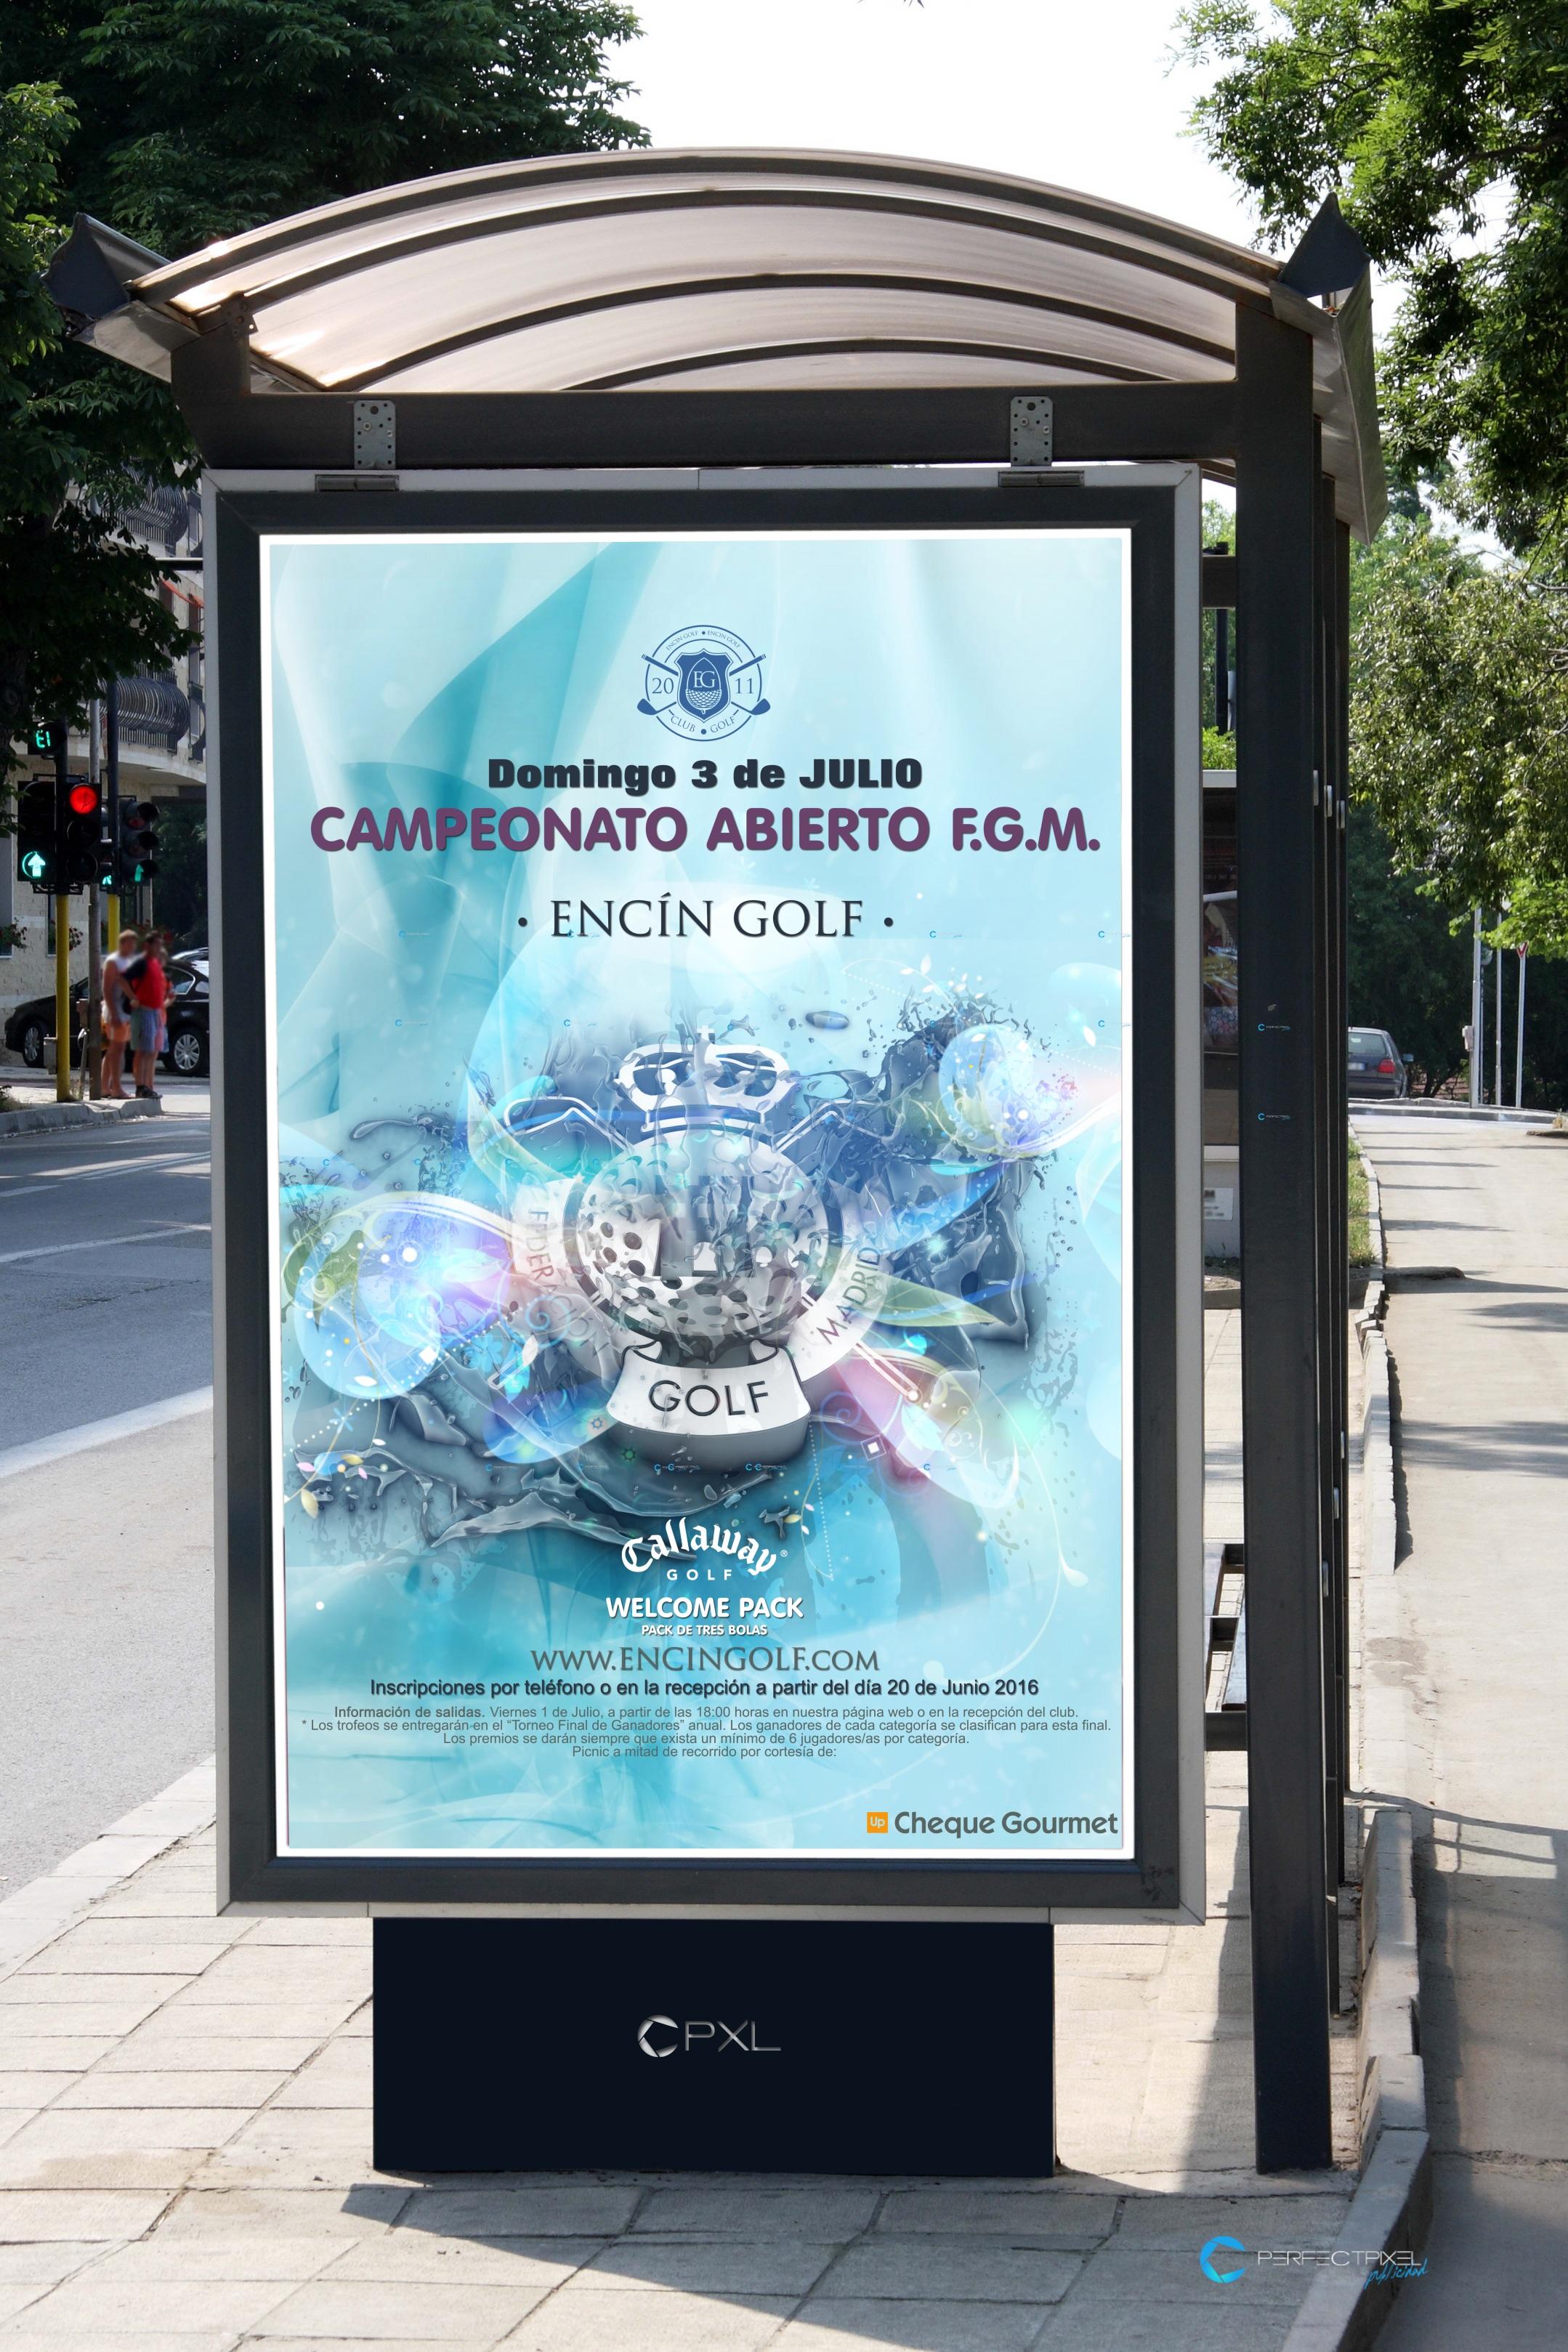 Cartel publicitario campeonato de golf en Madrid - F.G.M. Encín Golf Hotel